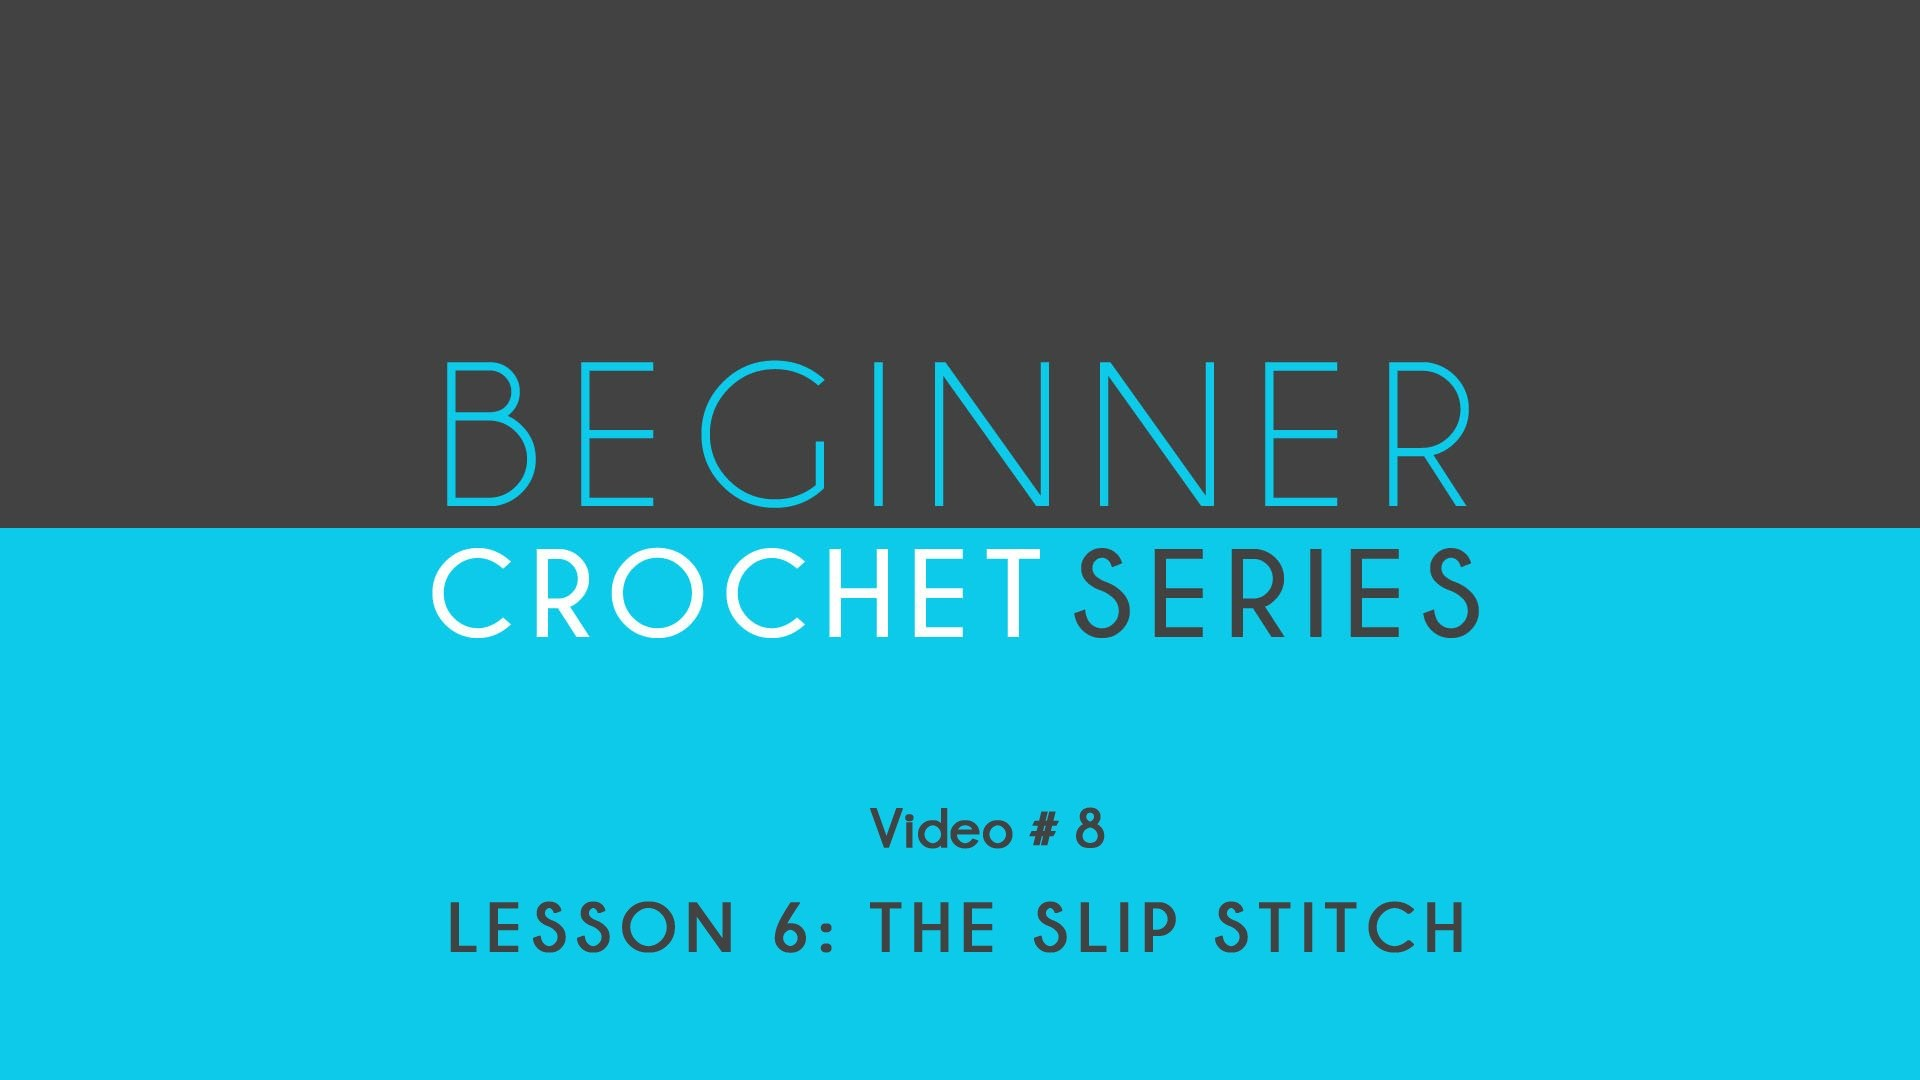 How to Crochet: Beginner Crochet Series Lesson 6 The Slip Stitch